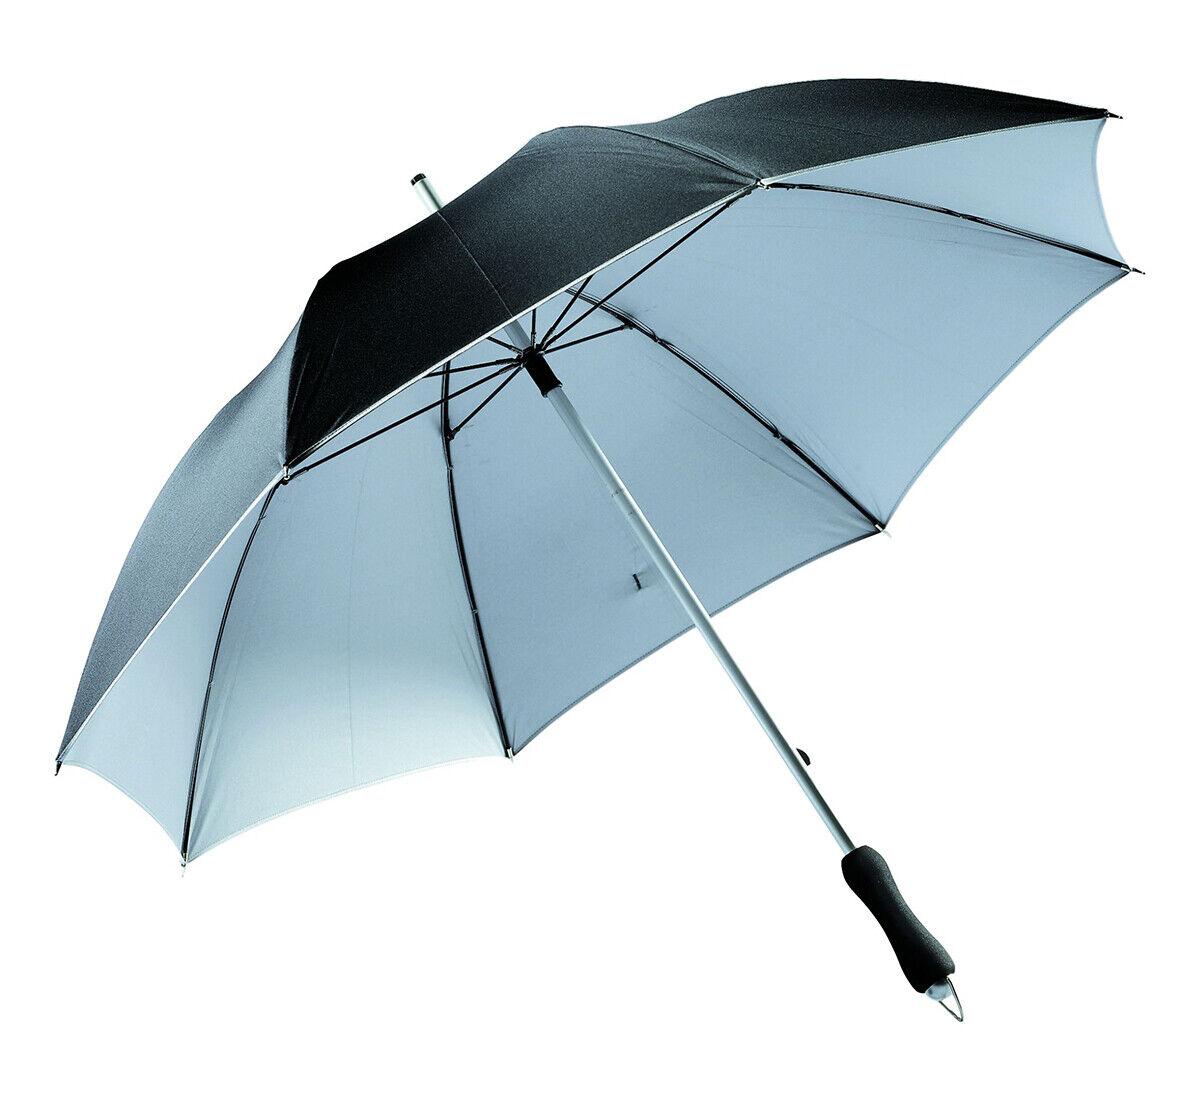 Aluminio de fibra de vidrio bastón paraguas paraguas